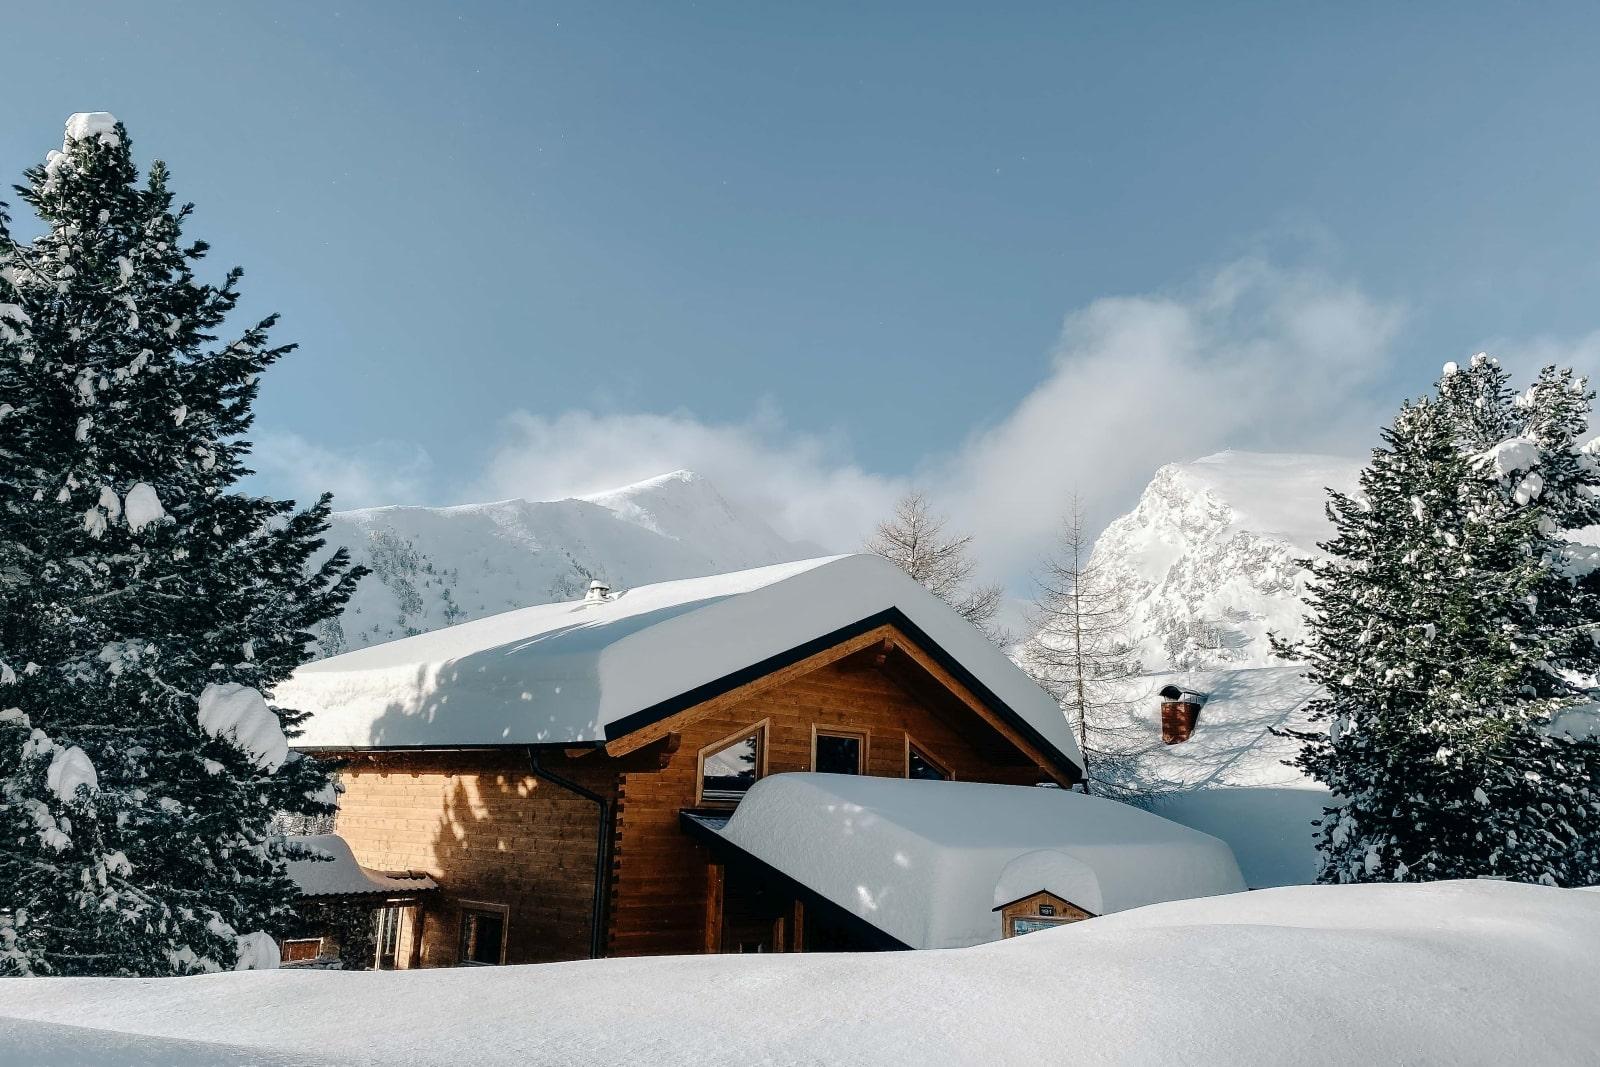 Heidi-Chalet-Falkert-Heidialm-Almsommer-Winter-Ski-Winter-Berge